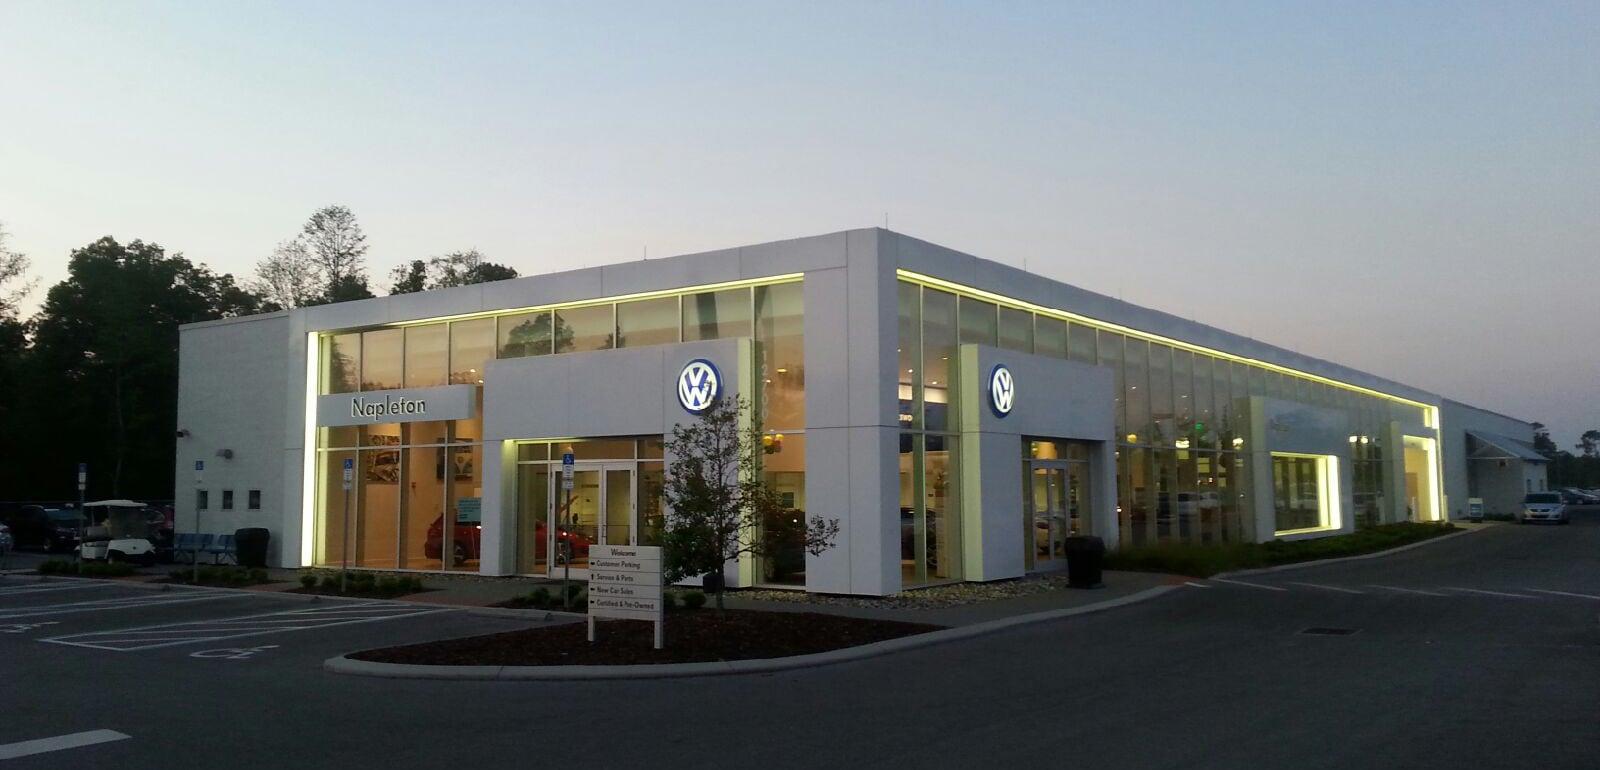 Napleton Volkswagen Orlando Dealership Volkswagen Of Orlando